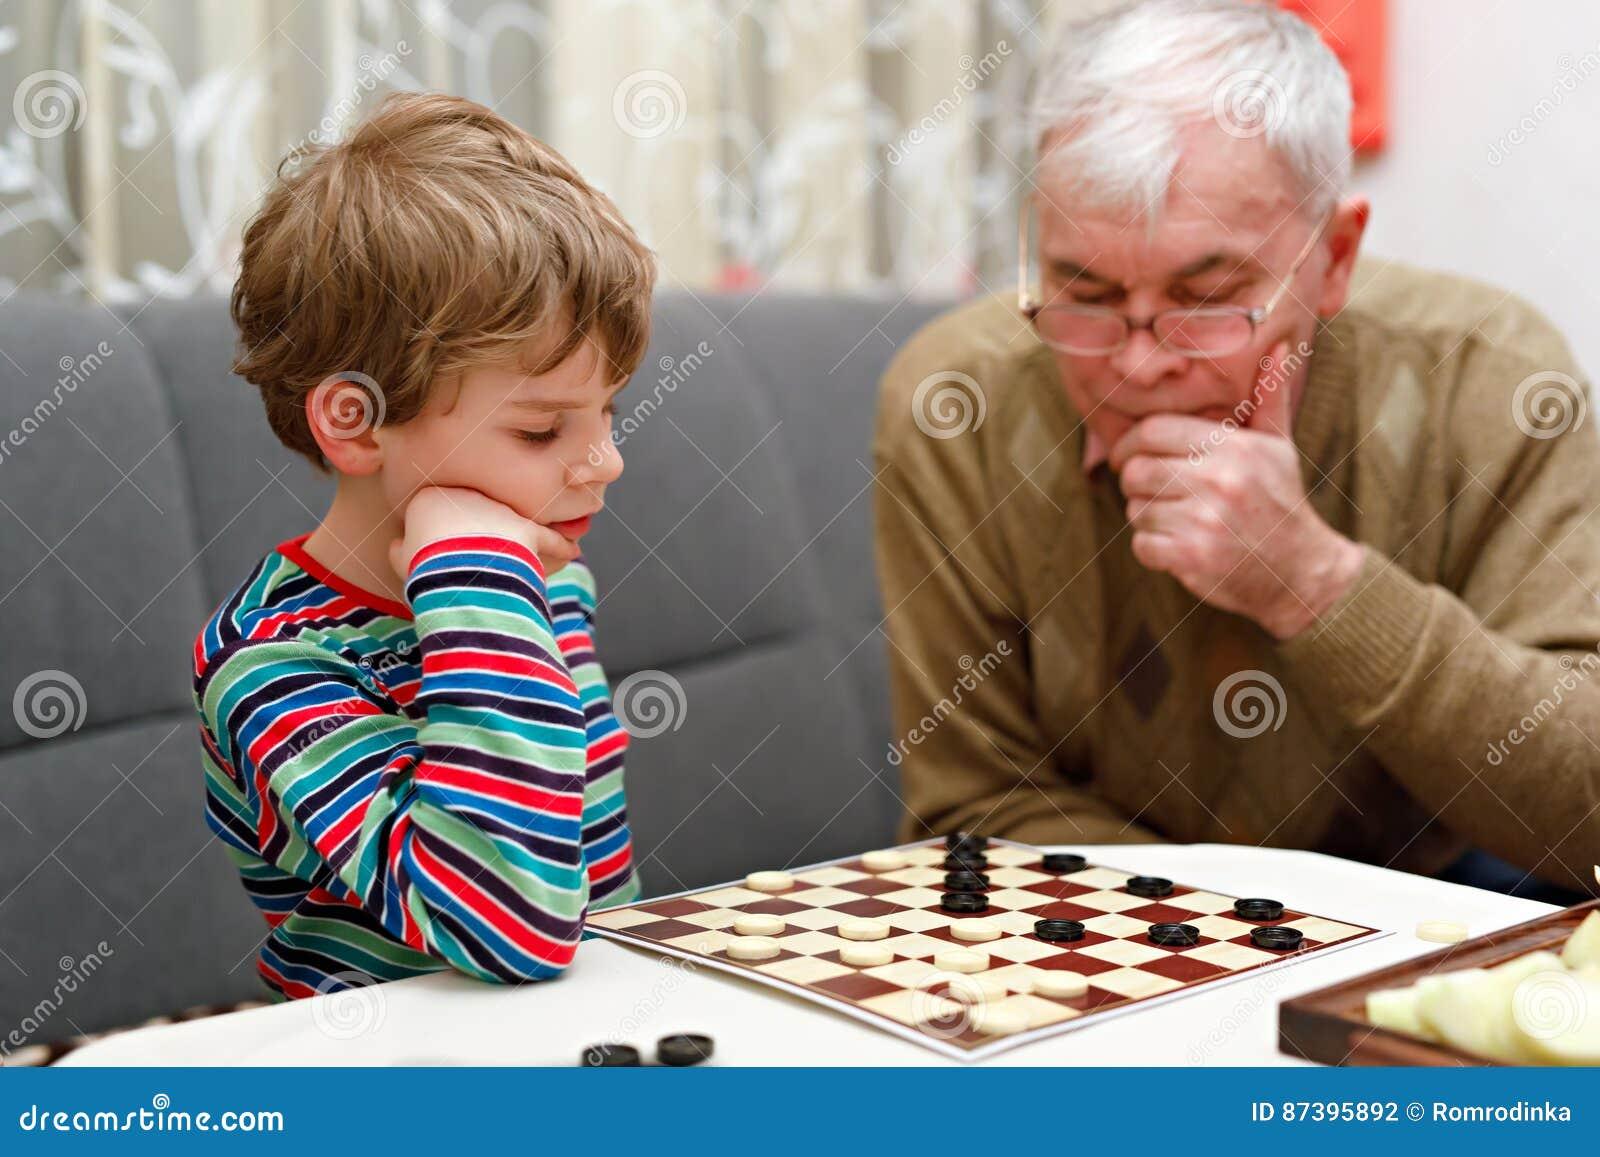 Αγόρι παιδάκι και ανώτερος παππούς που παίζουν μαζί το παιχνίδι ελεγκτών